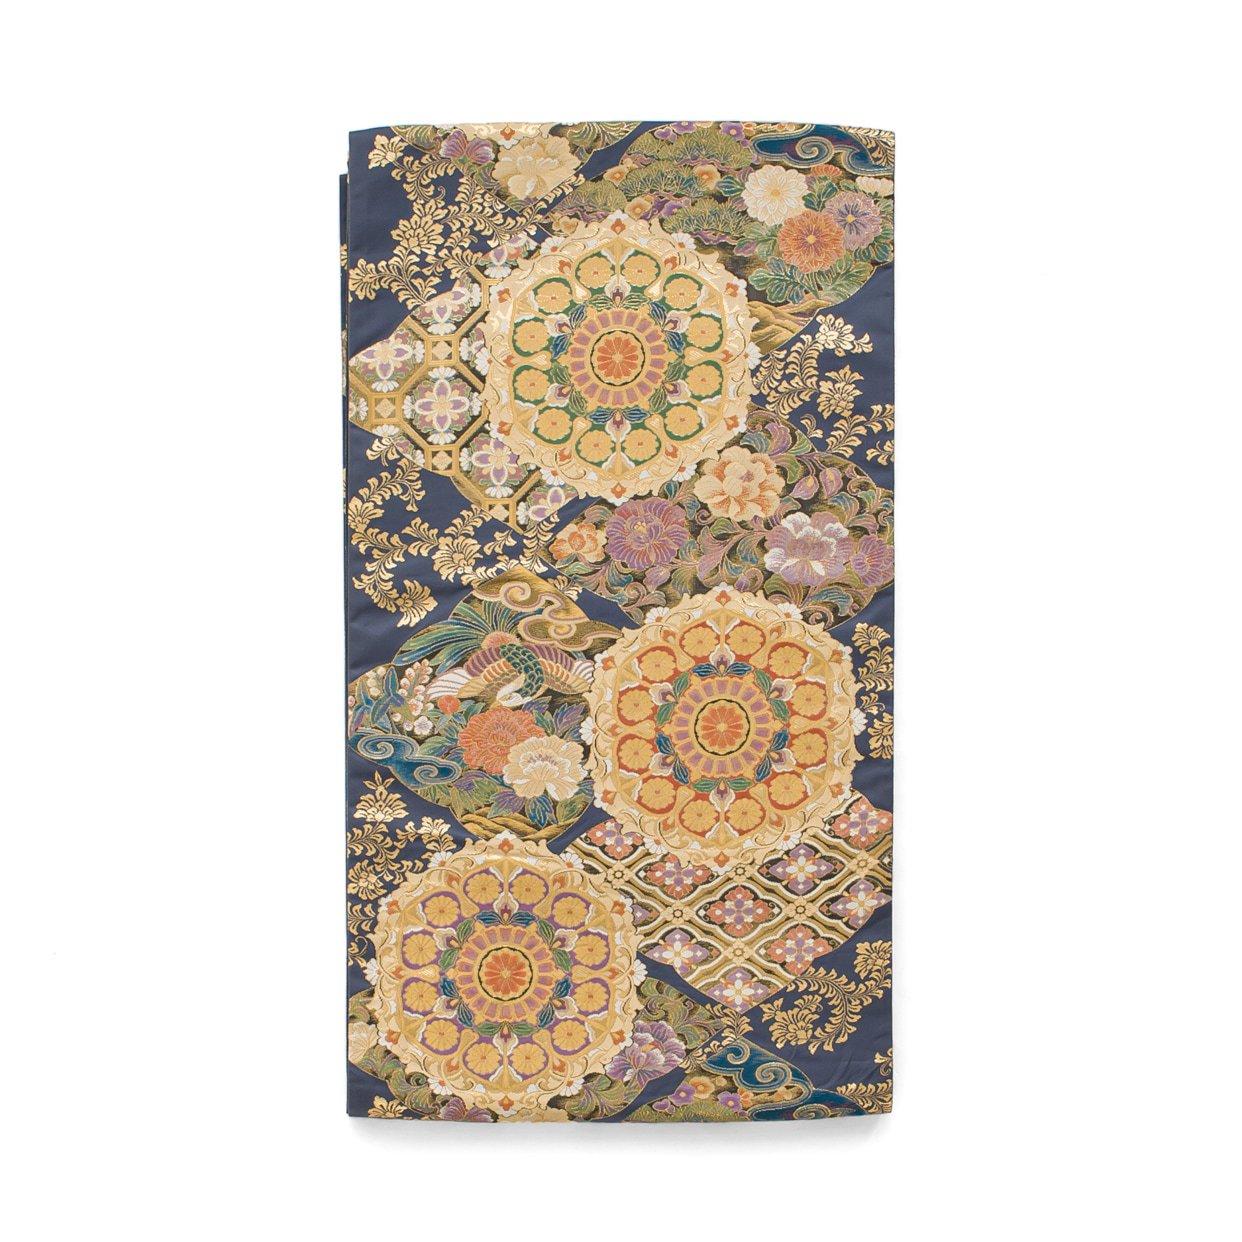 「袋帯●牡丹と鳳凰 大きな華紋」の商品画像